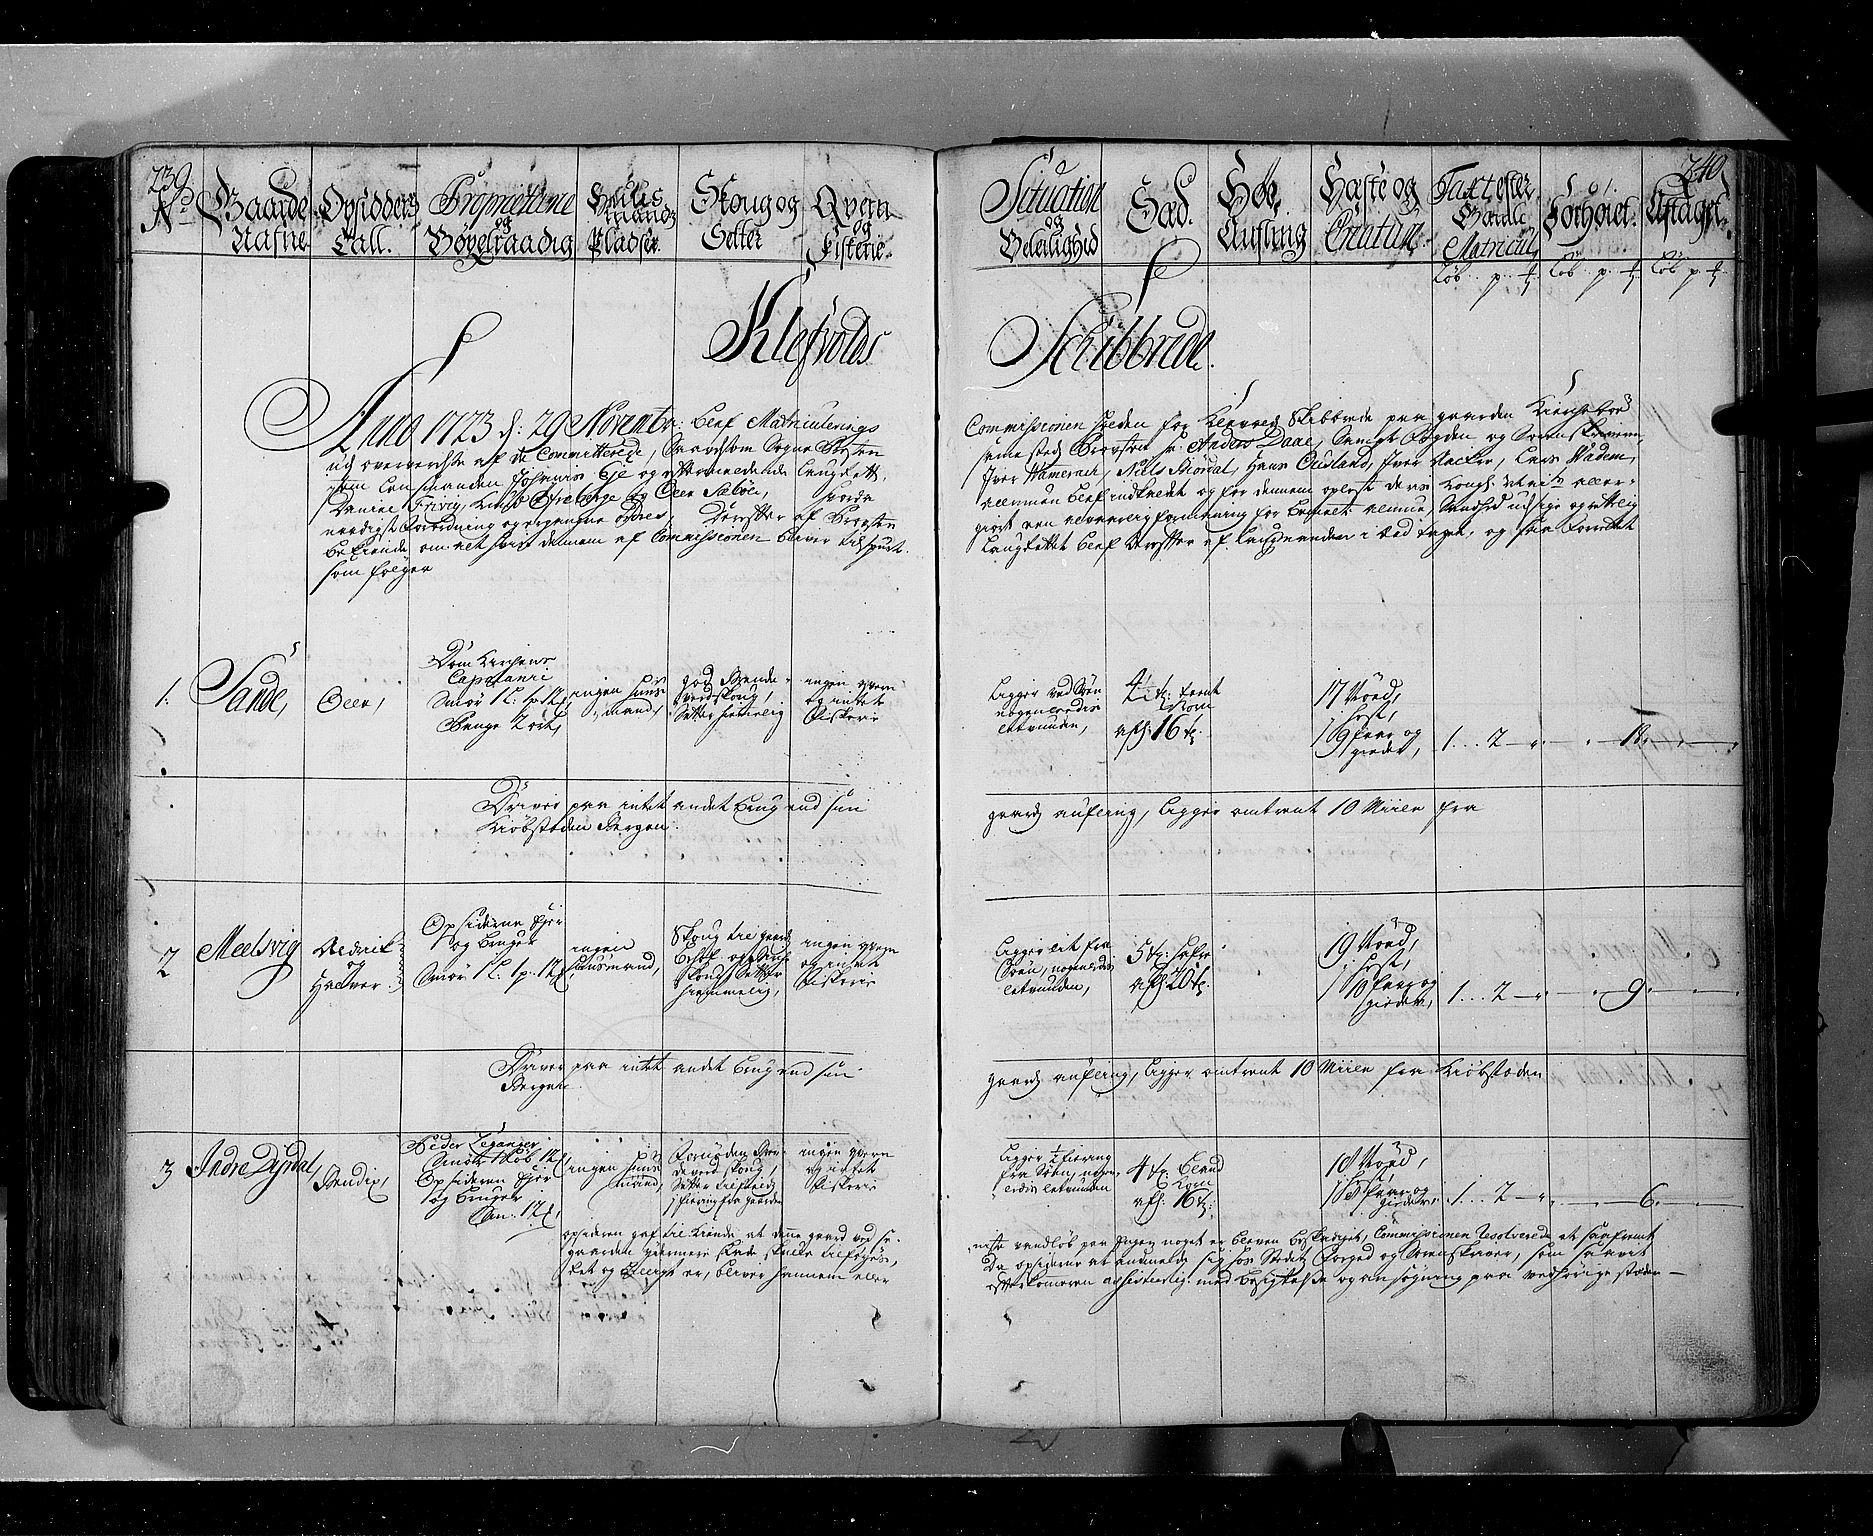 RA, Rentekammeret inntil 1814, Realistisk ordnet avdeling, N/Nb/Nbf/L0143: Ytre og Indre Sogn eksaminasjonsprotokoll, 1723, s. 239-240